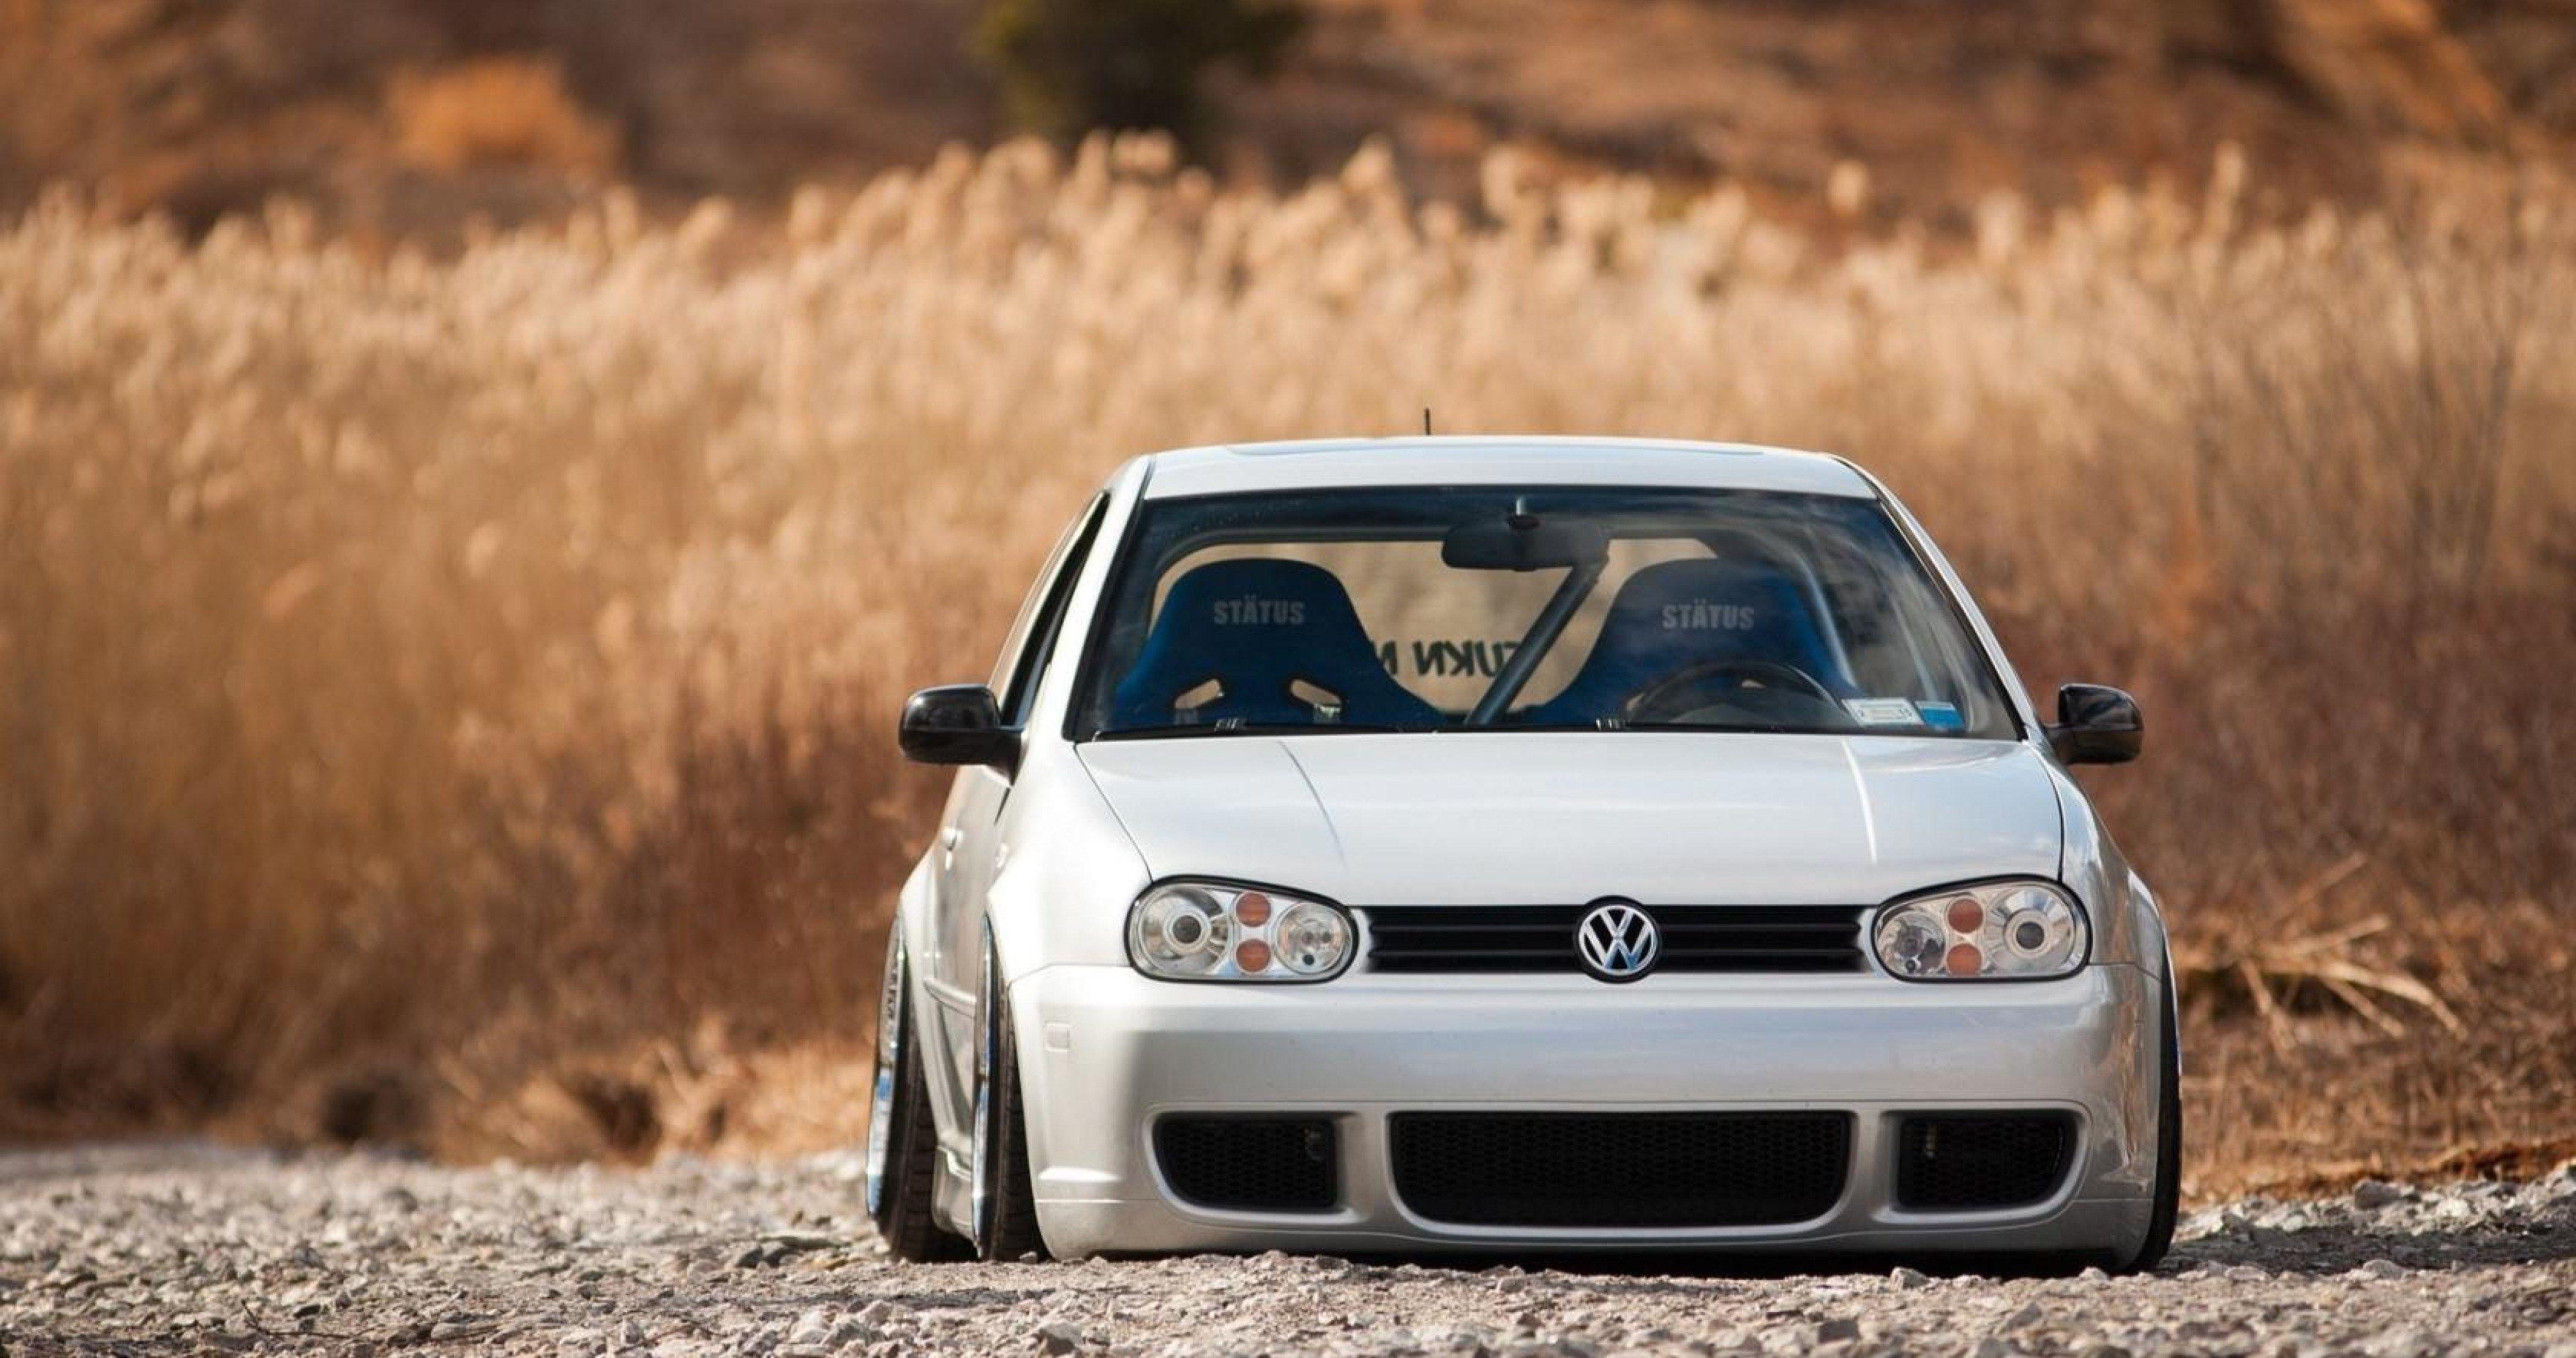 Volkswagen Golf R32 4k Ultra Hd Wallpaper Ololoshenka Pinterest